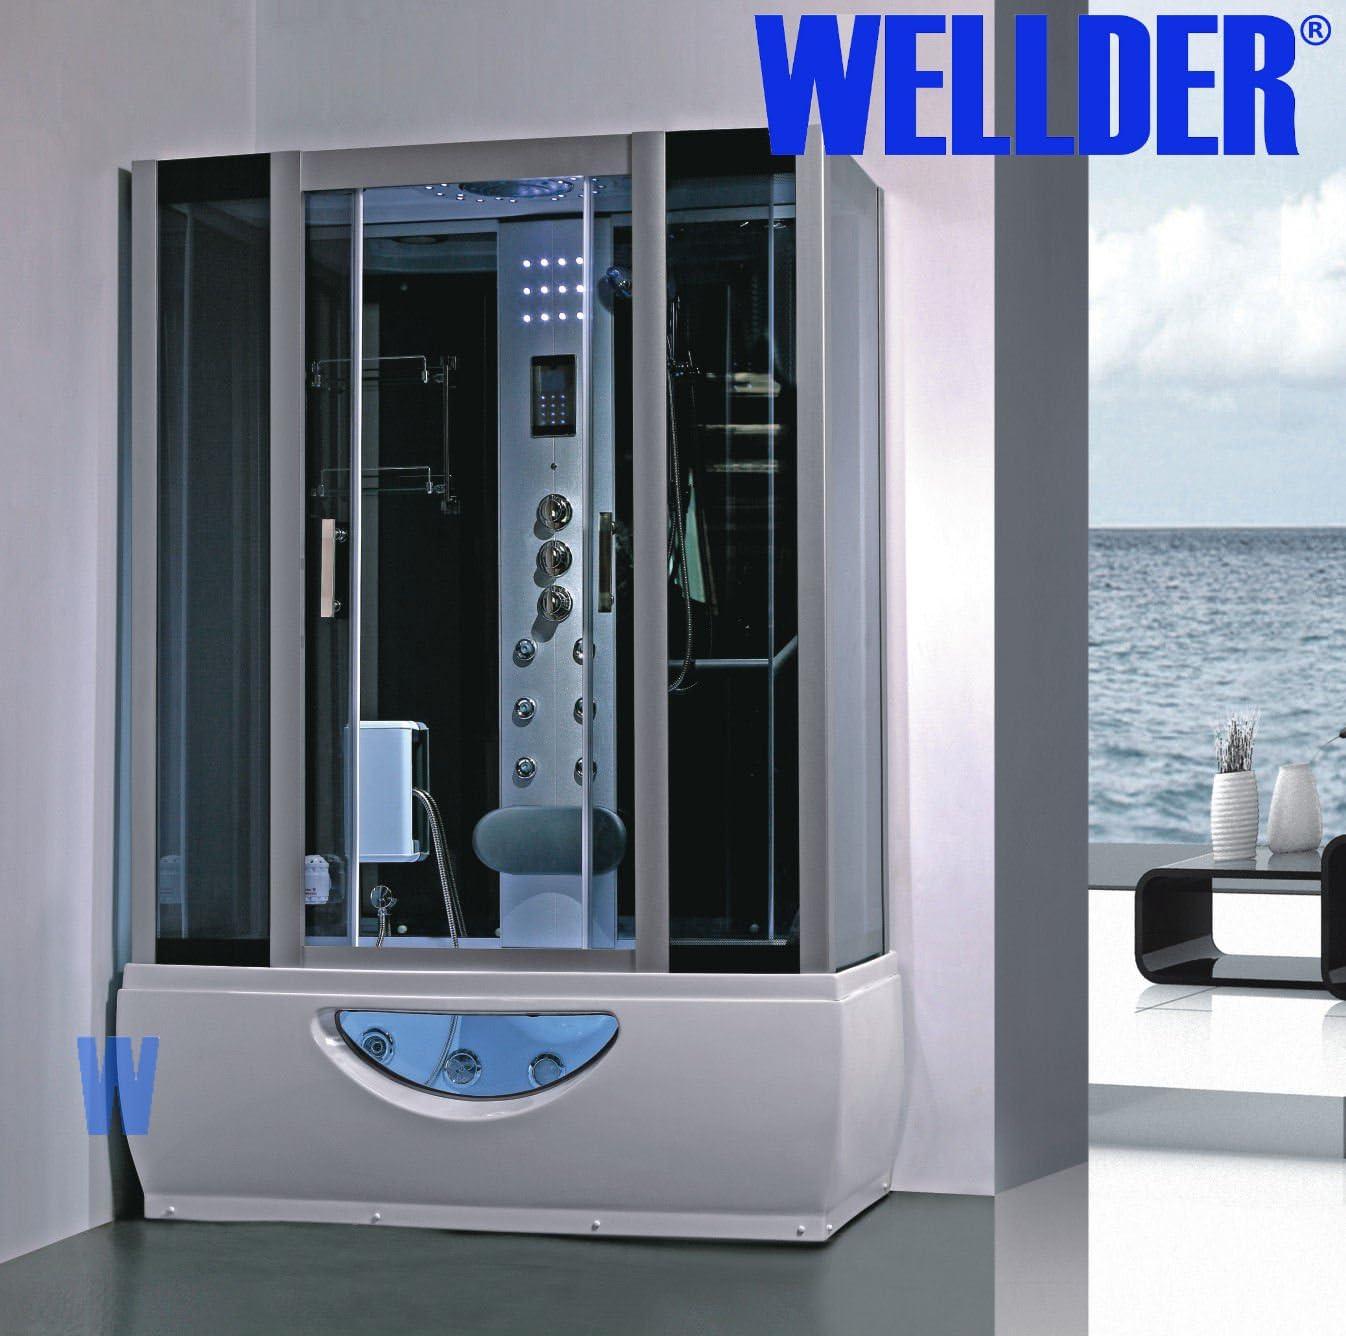 Cabina de ducha de para bañera, spa, hidromasaje, sauna, radio, cromoterapia, jacuzzi, 167 x 85 cm: Amazon.es: Hogar